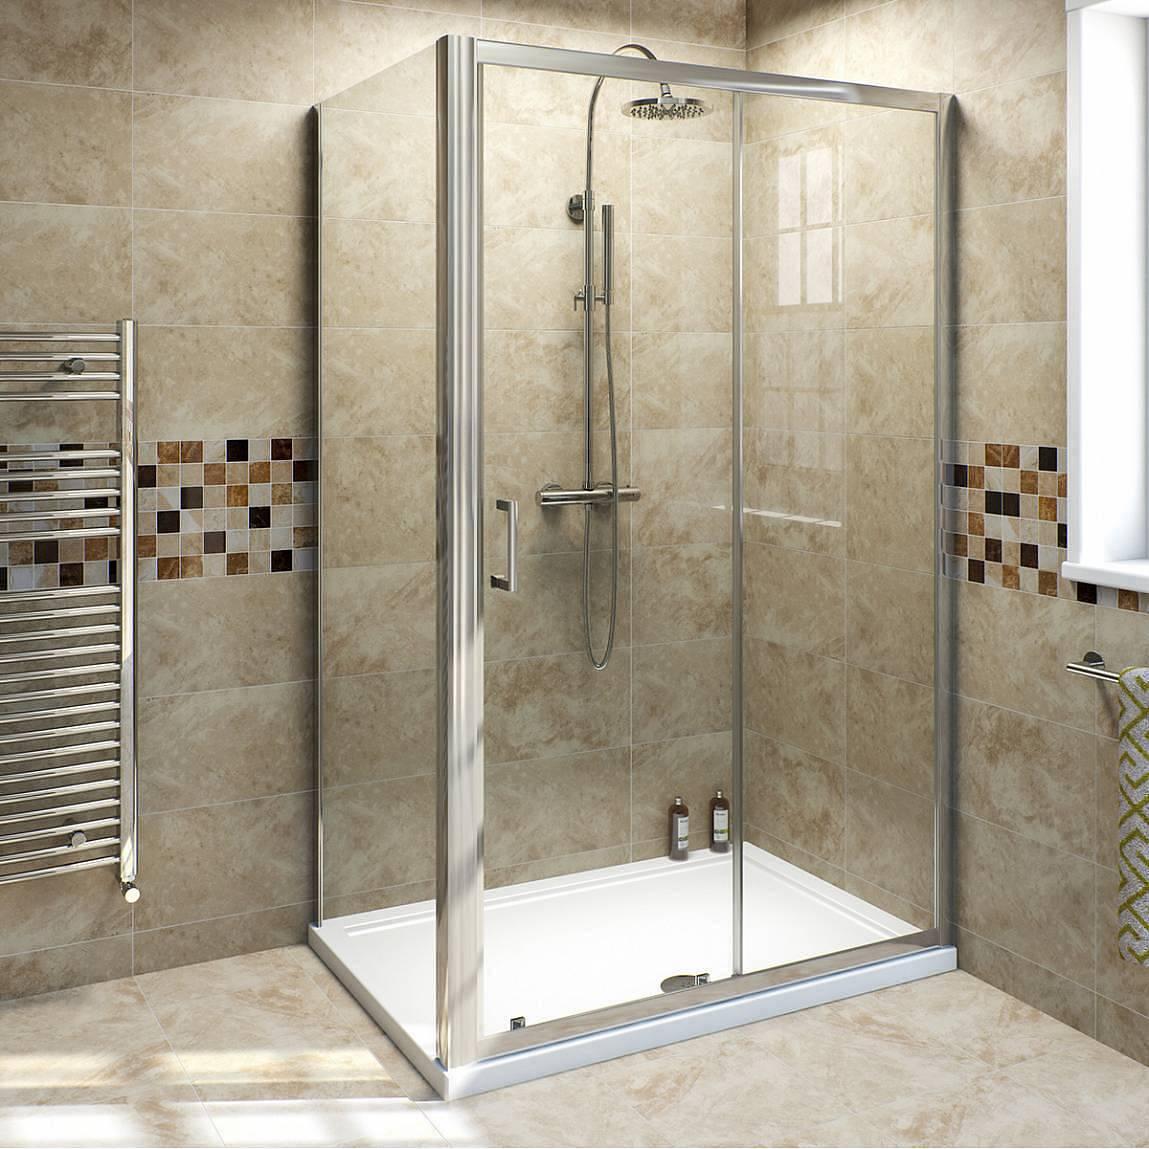 Image of V6 Sliding Shower Enclosure 1600 x 900